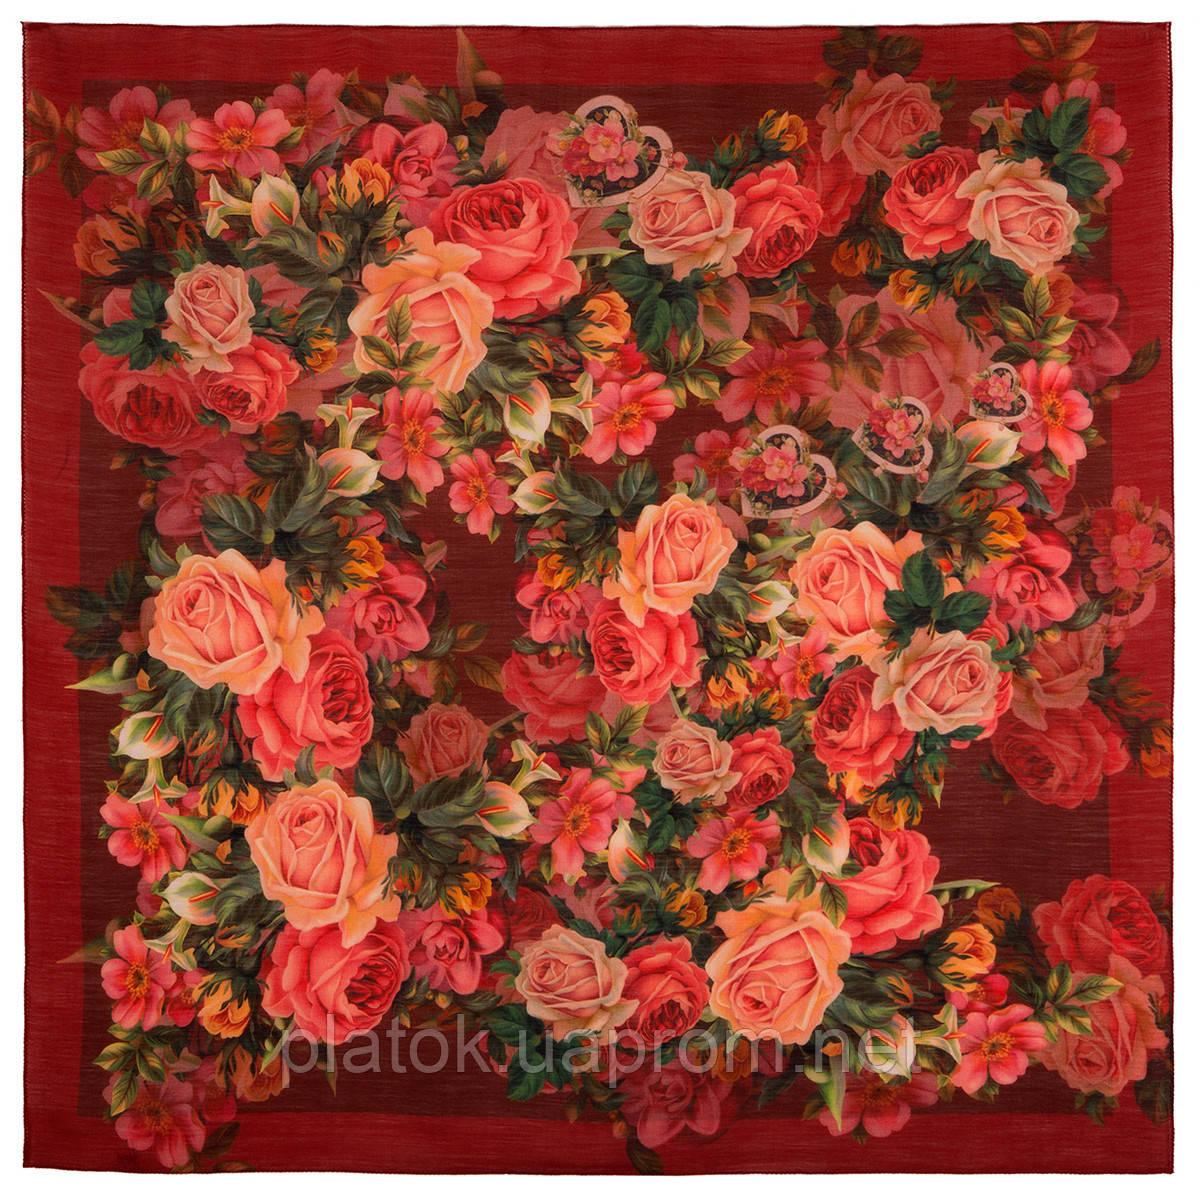 10183-6, павлопосадский платок шерстяной (разреженная шерсть) с швом зиг-заг